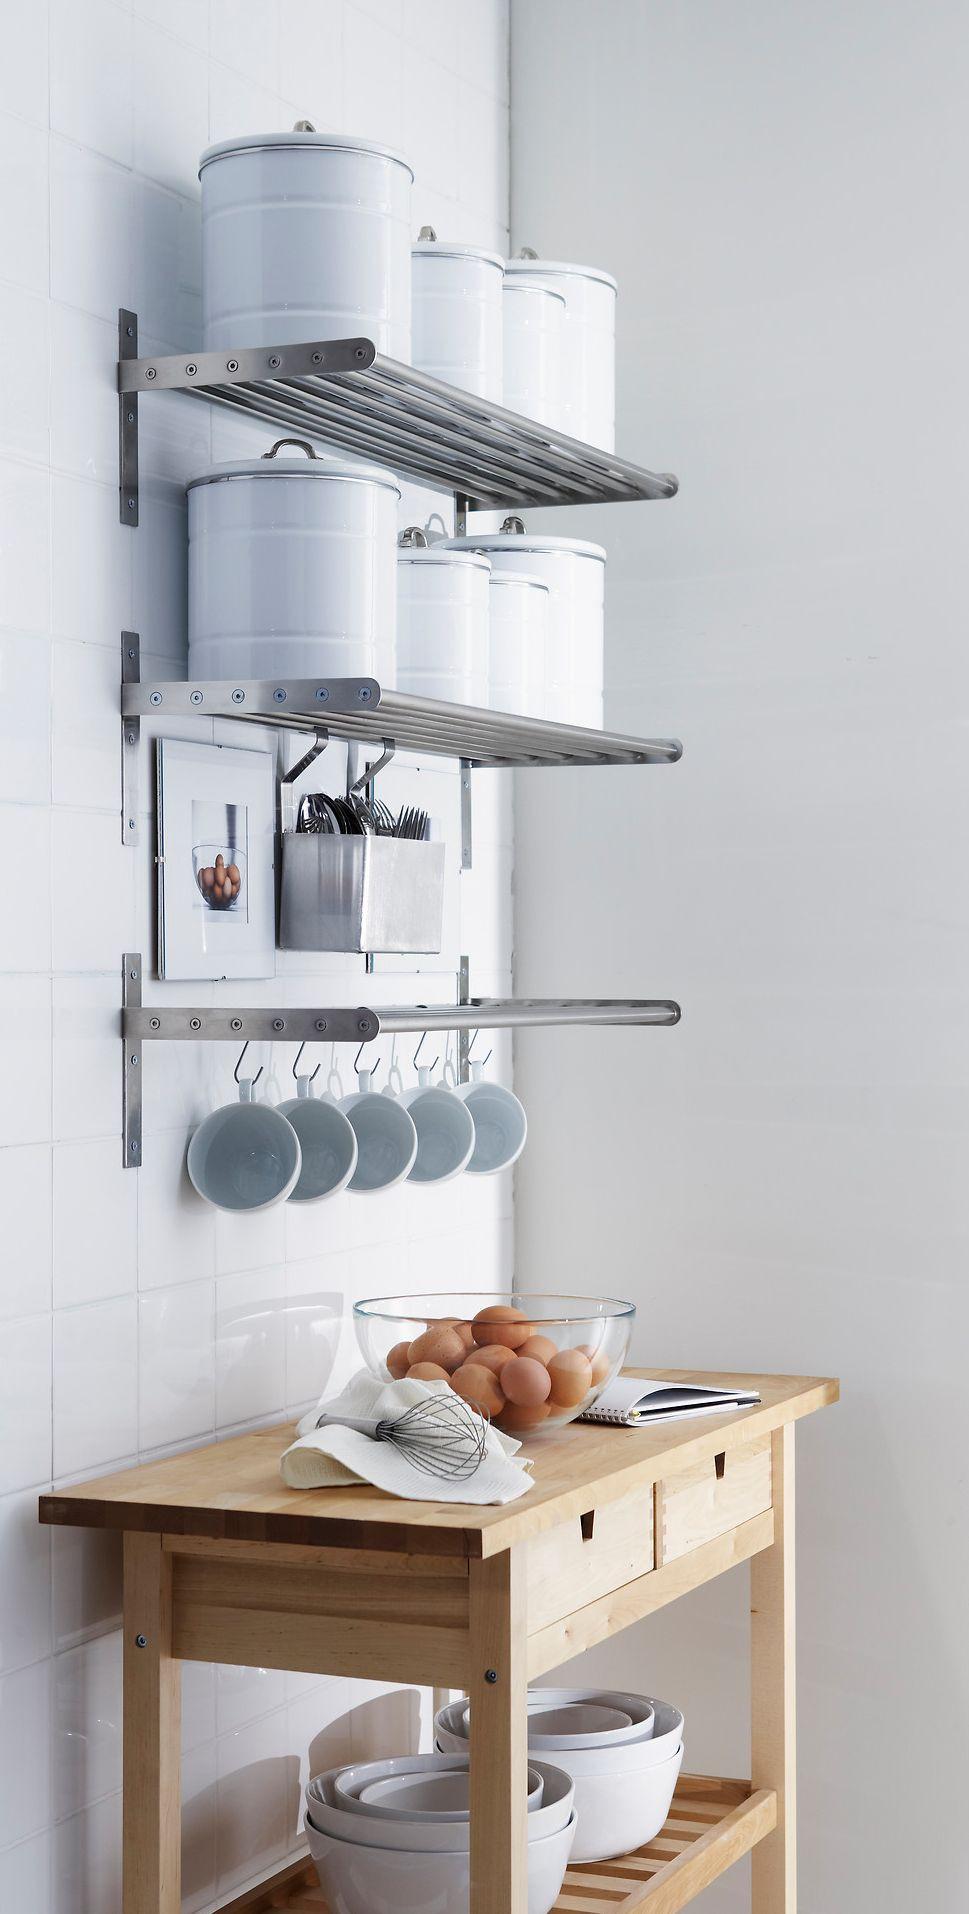 Best ideas about Kitchen Organizer Shelf . Save or Pin 65 Ingenious Kitchen Organization Tips And Storage Ideas Now.